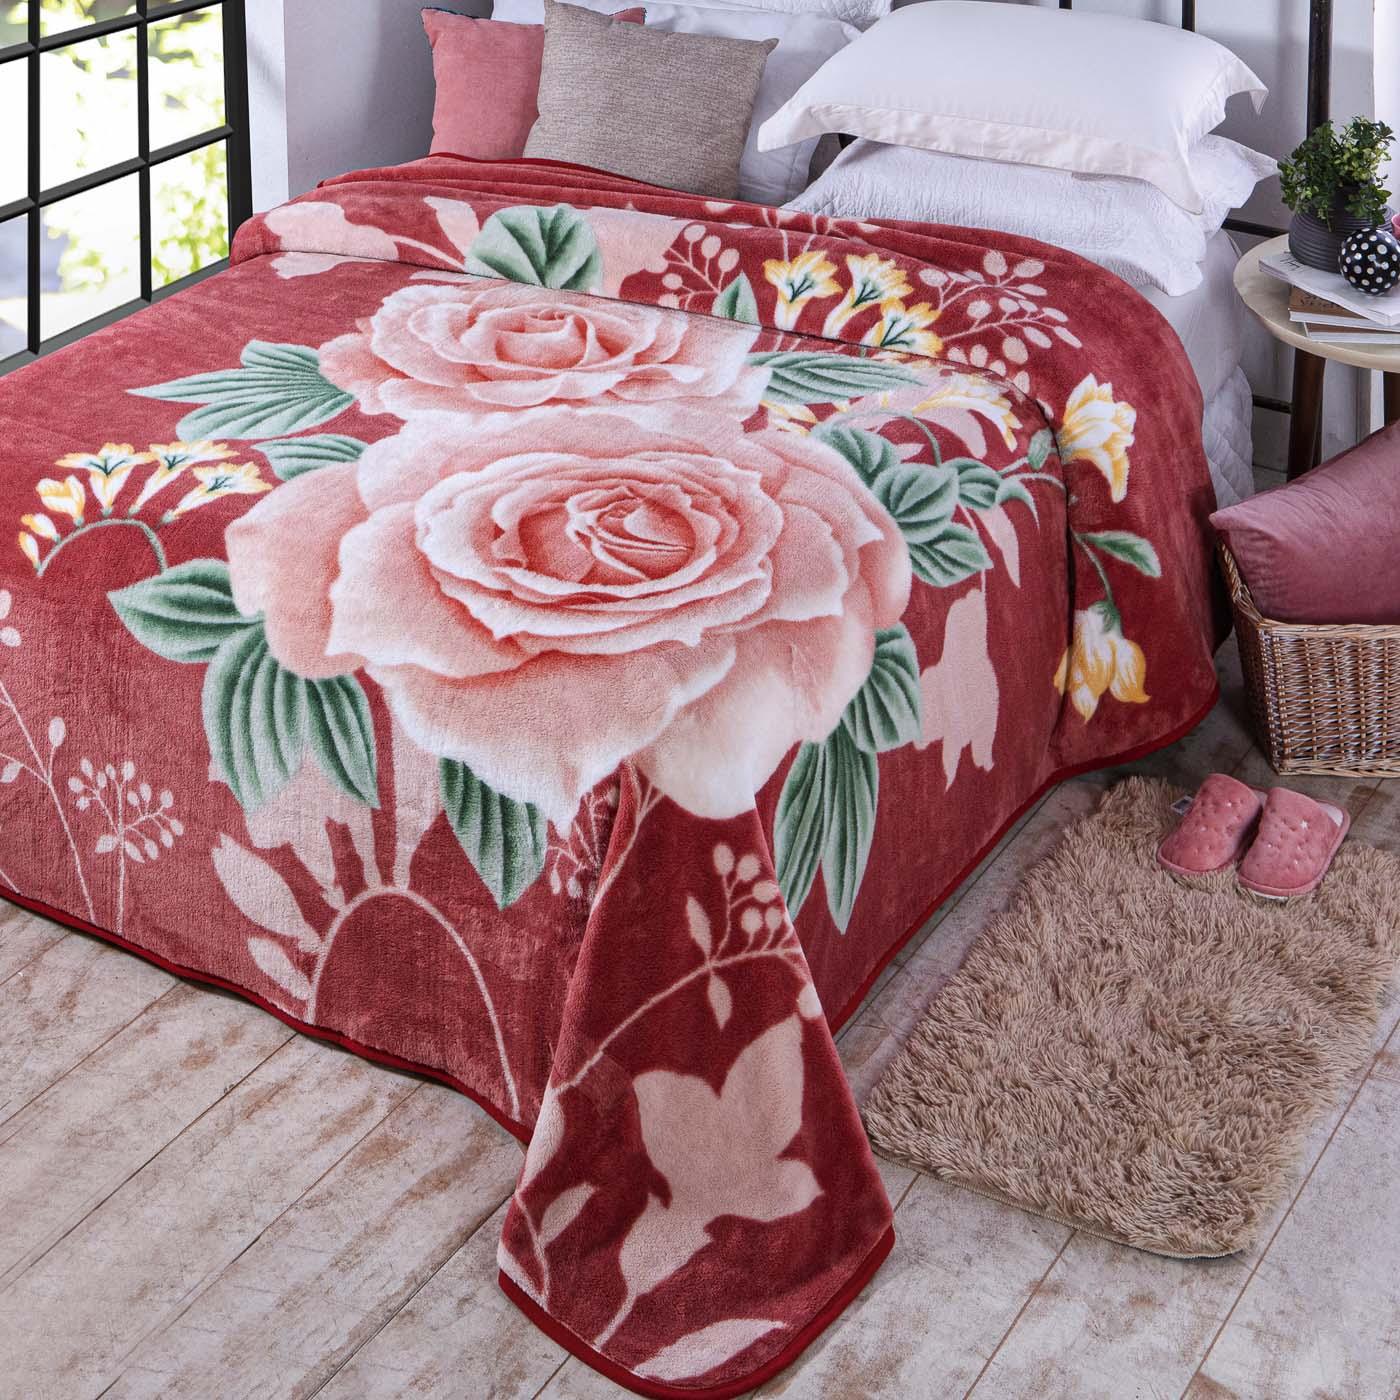 Cobertor Jolitex Casal Kyor Plus 1,80x2,20m Kiruna Rosê